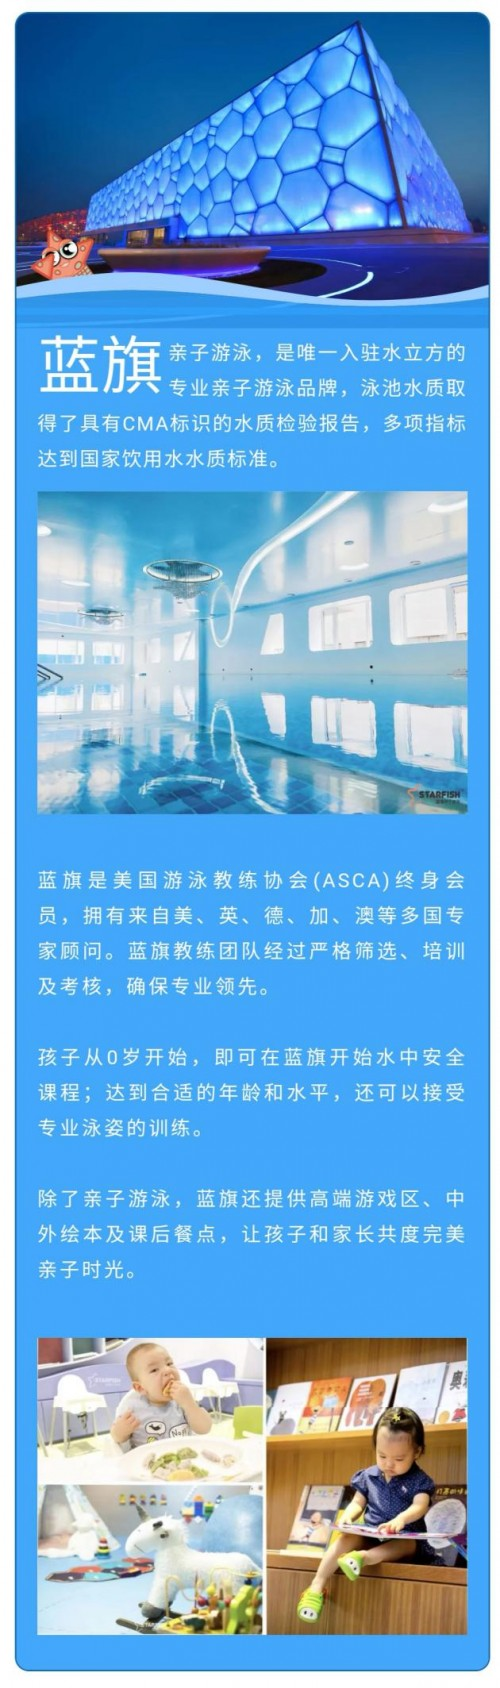 传播水中安全知识,蓝旗亲子游泳水中安全课堂开讲